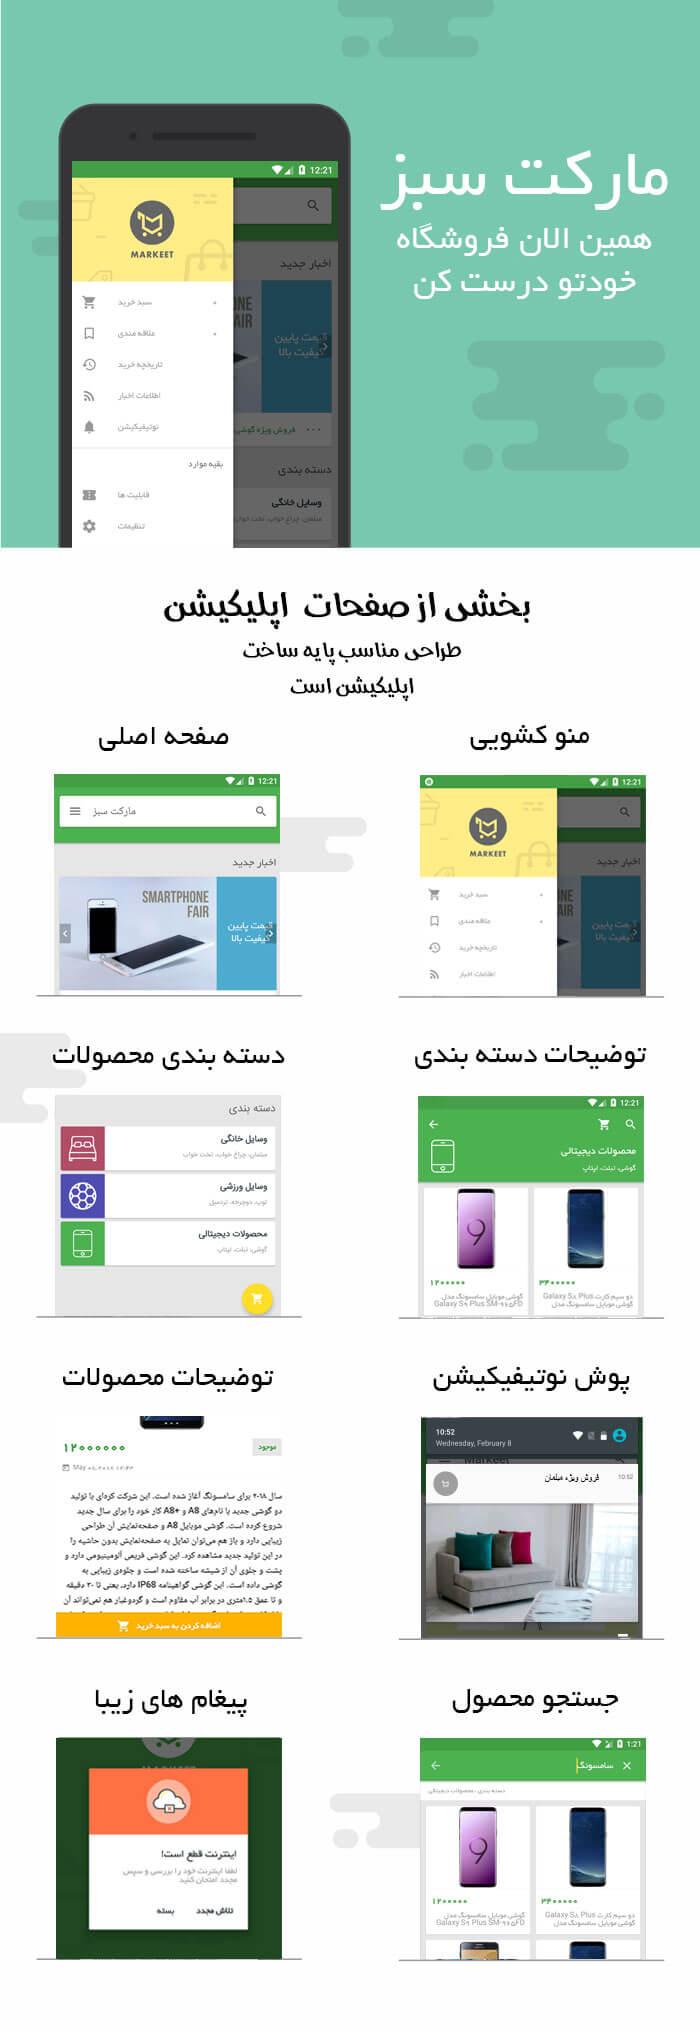 photo 2018 05 16 20 12 04 1 - سورس فروشگاه آنلاین فارسی اندروید